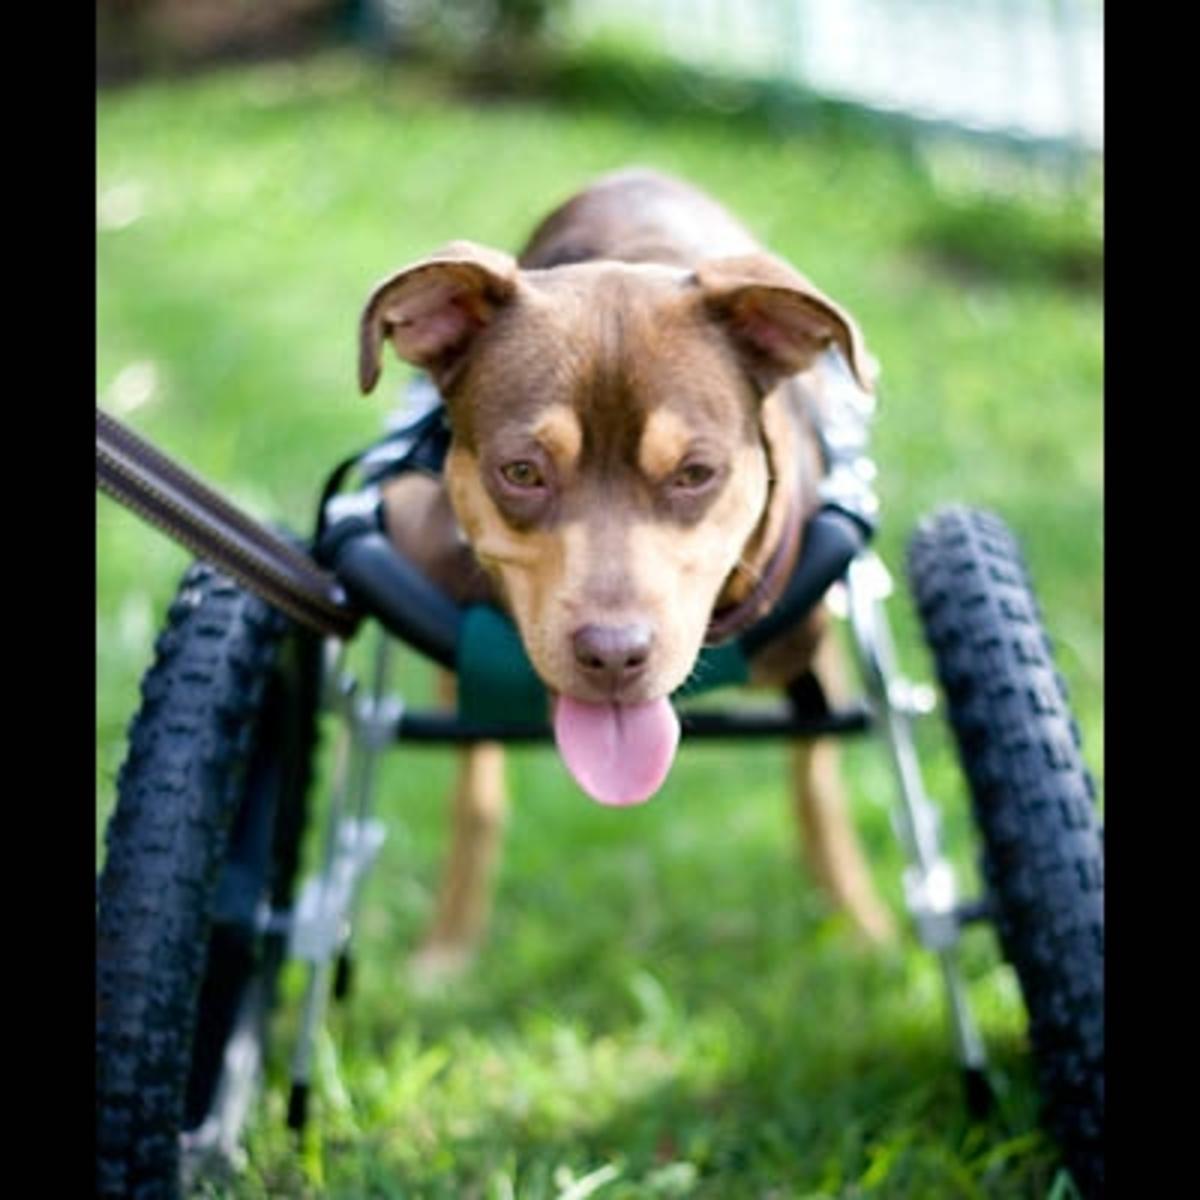 Τα παιδιά του Τζάκσον βοηθάνε ανάπηρο σκυλάκι | Newsit.gr